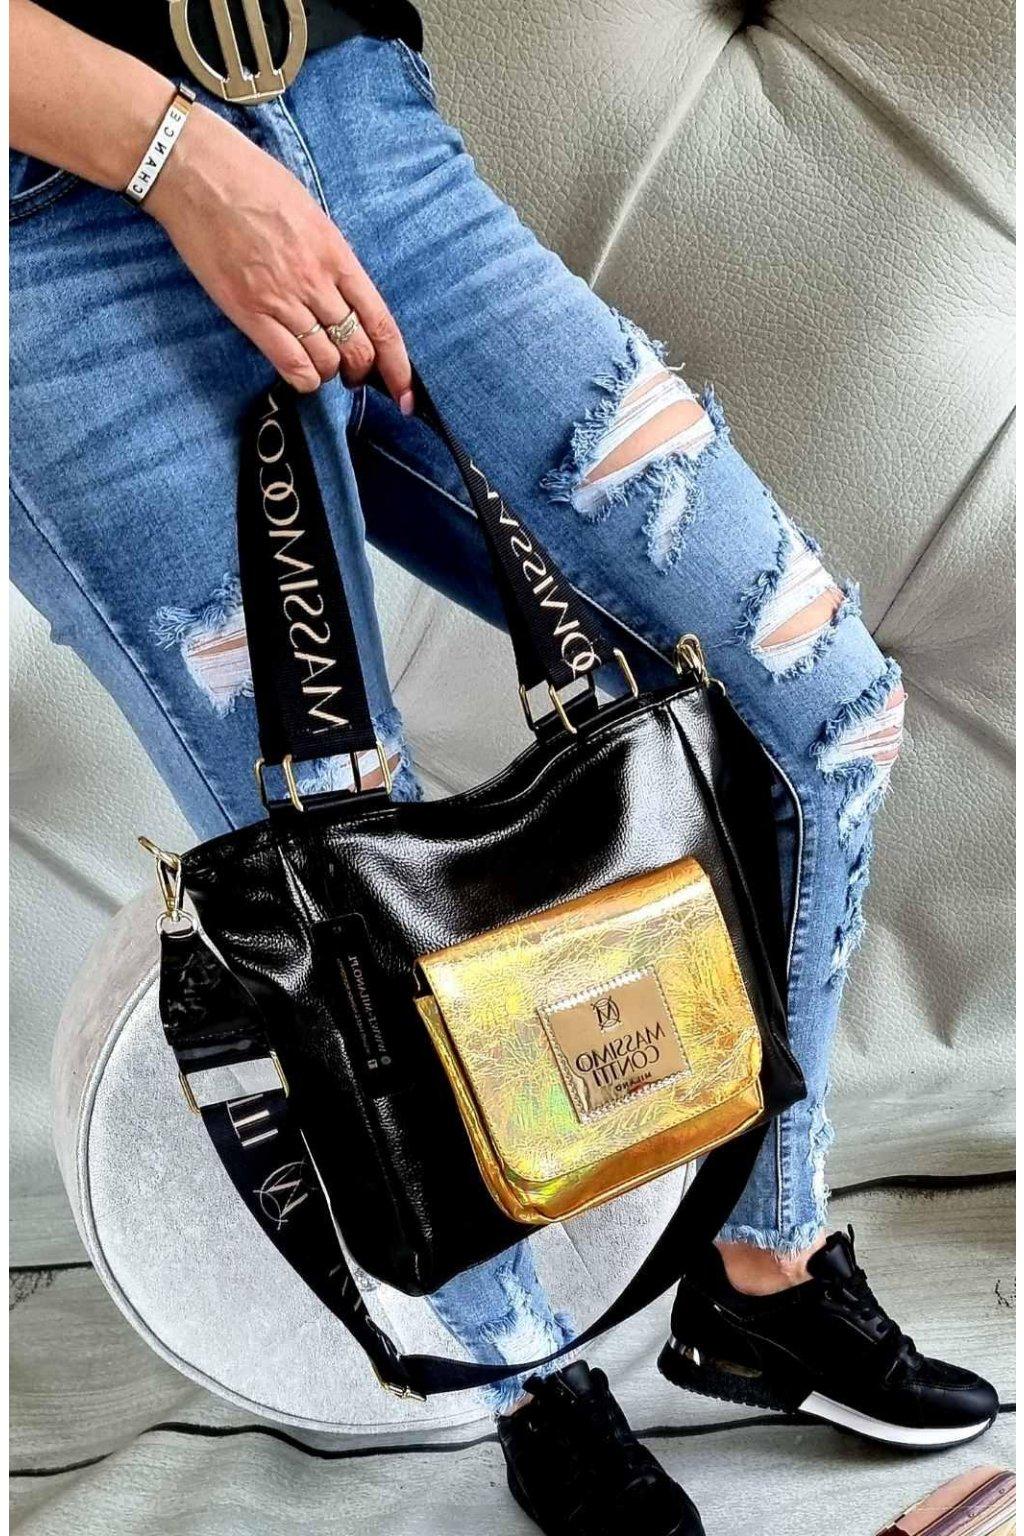 Massimo contti mini značková luxusní kabelka italy fashion černá zlatá